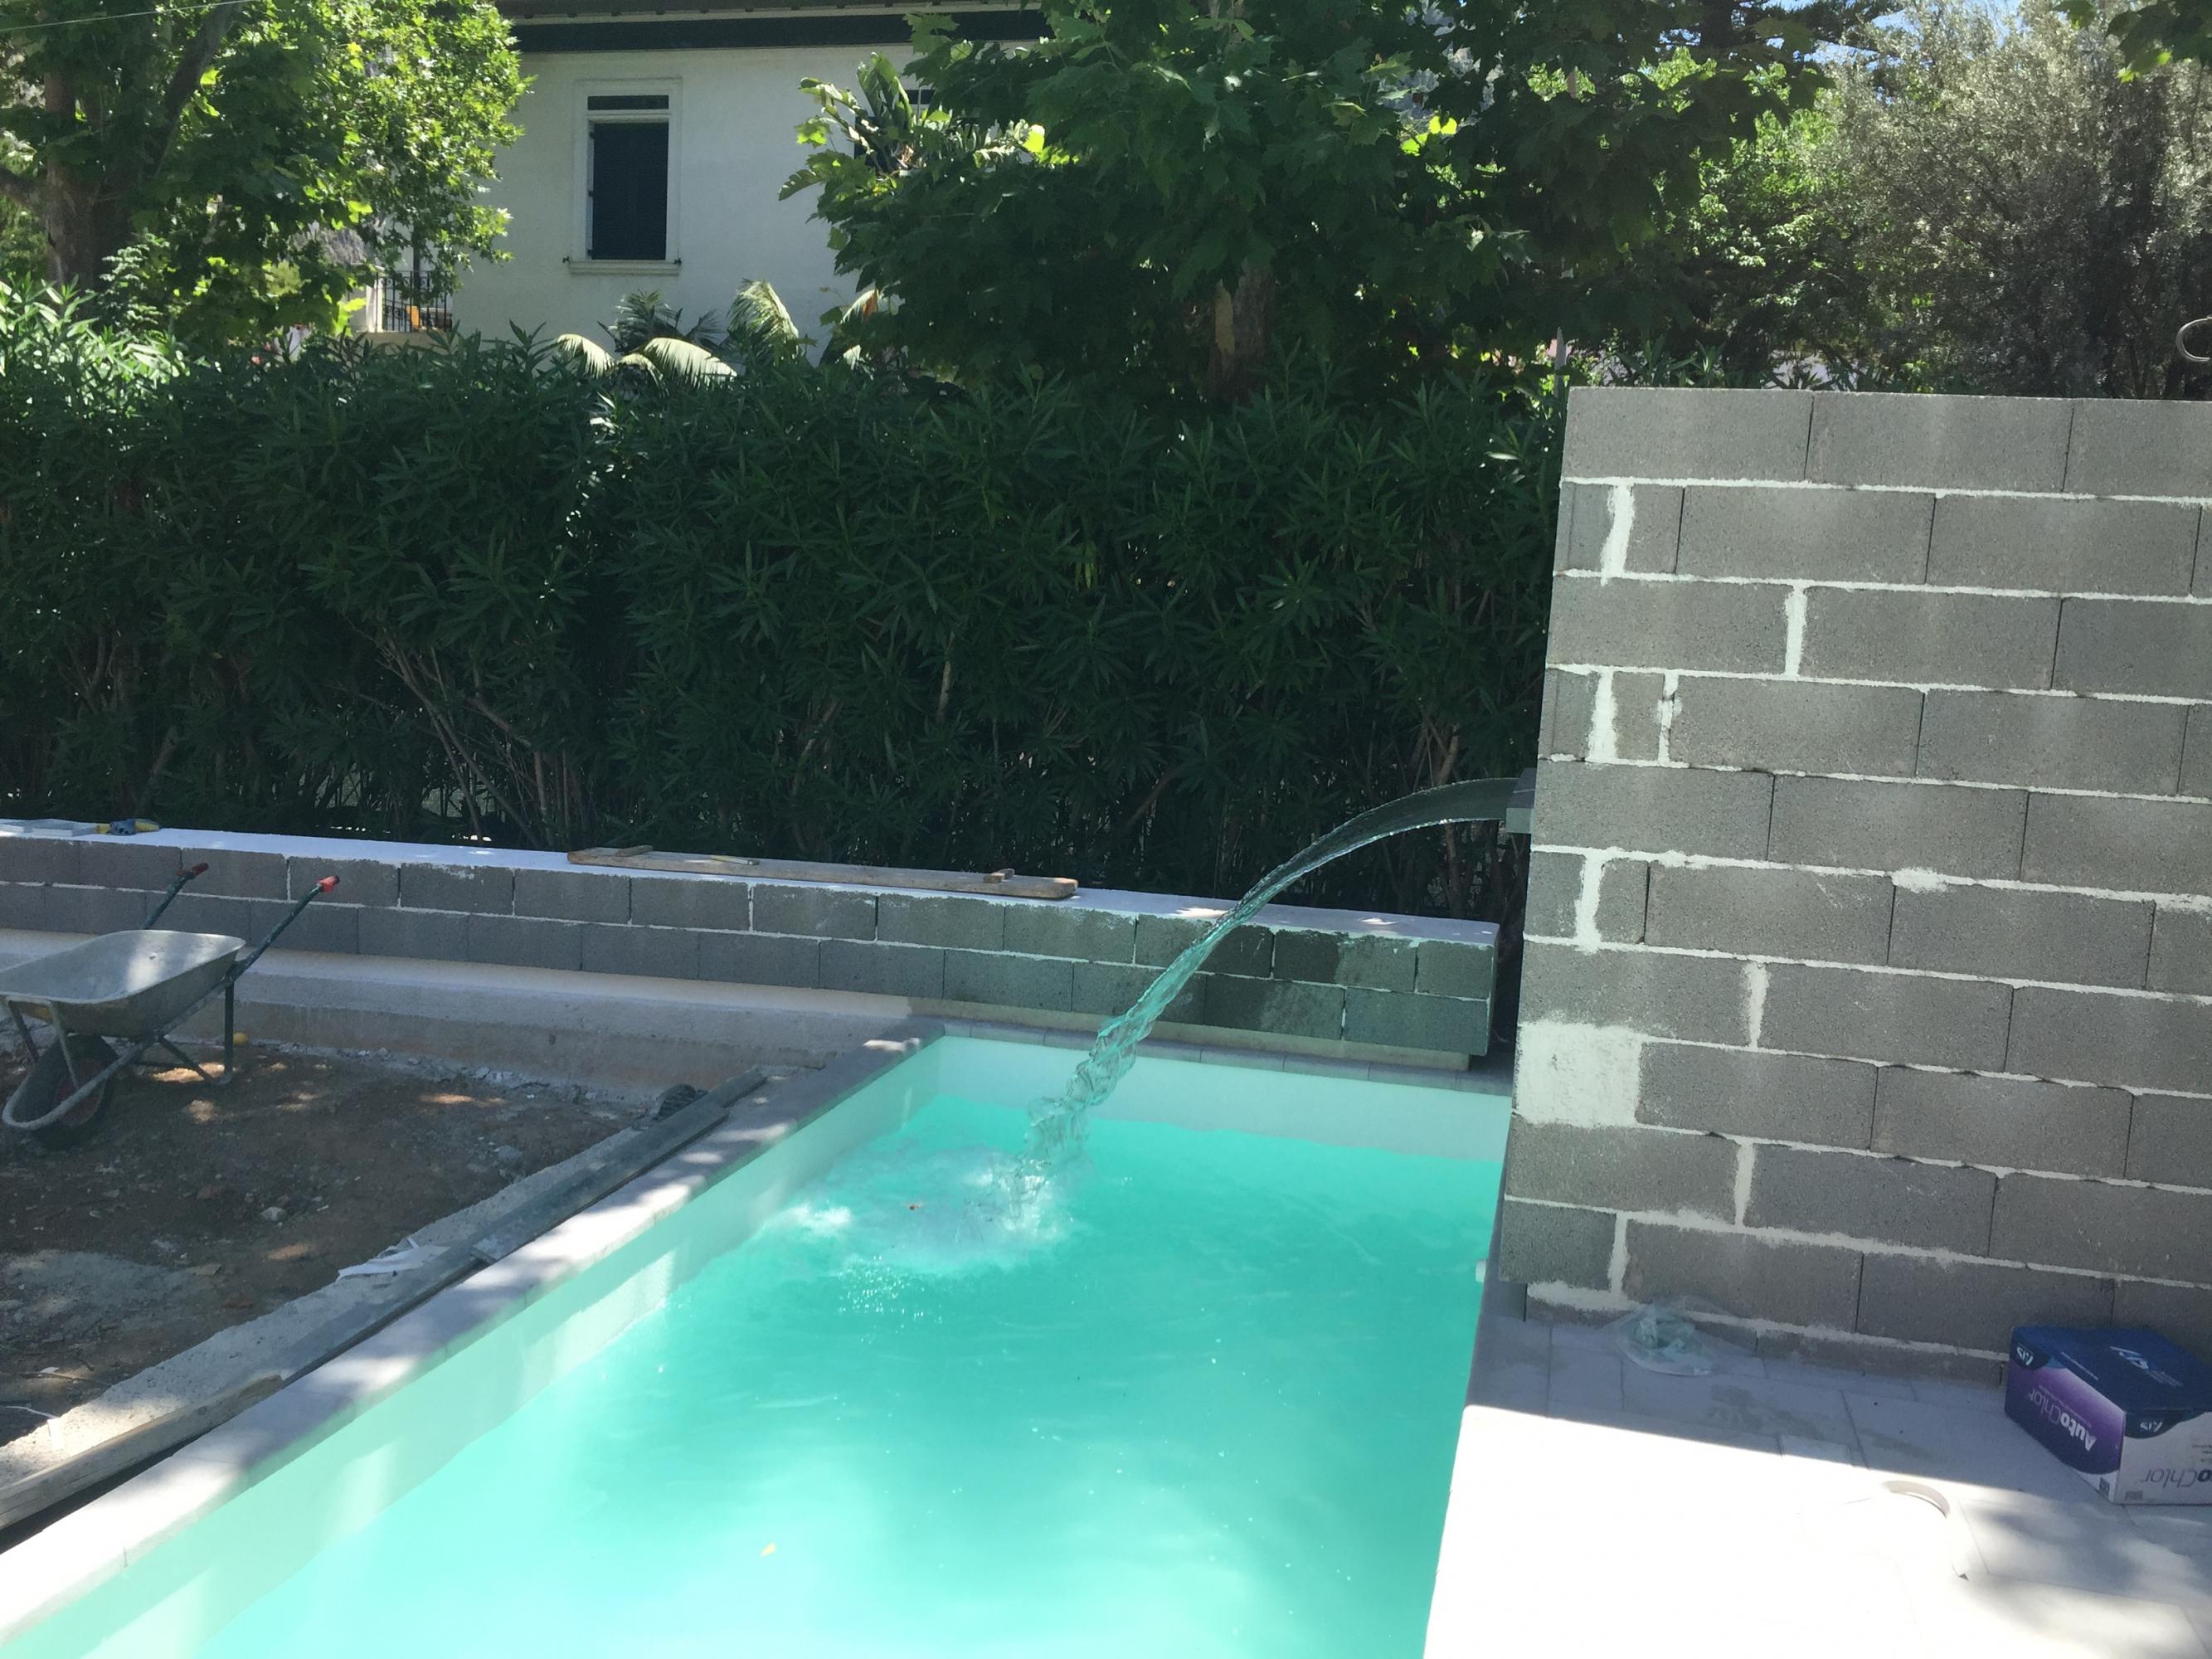 Piscina con cascata piscine foto lavori realizzati for Piscina con cascata